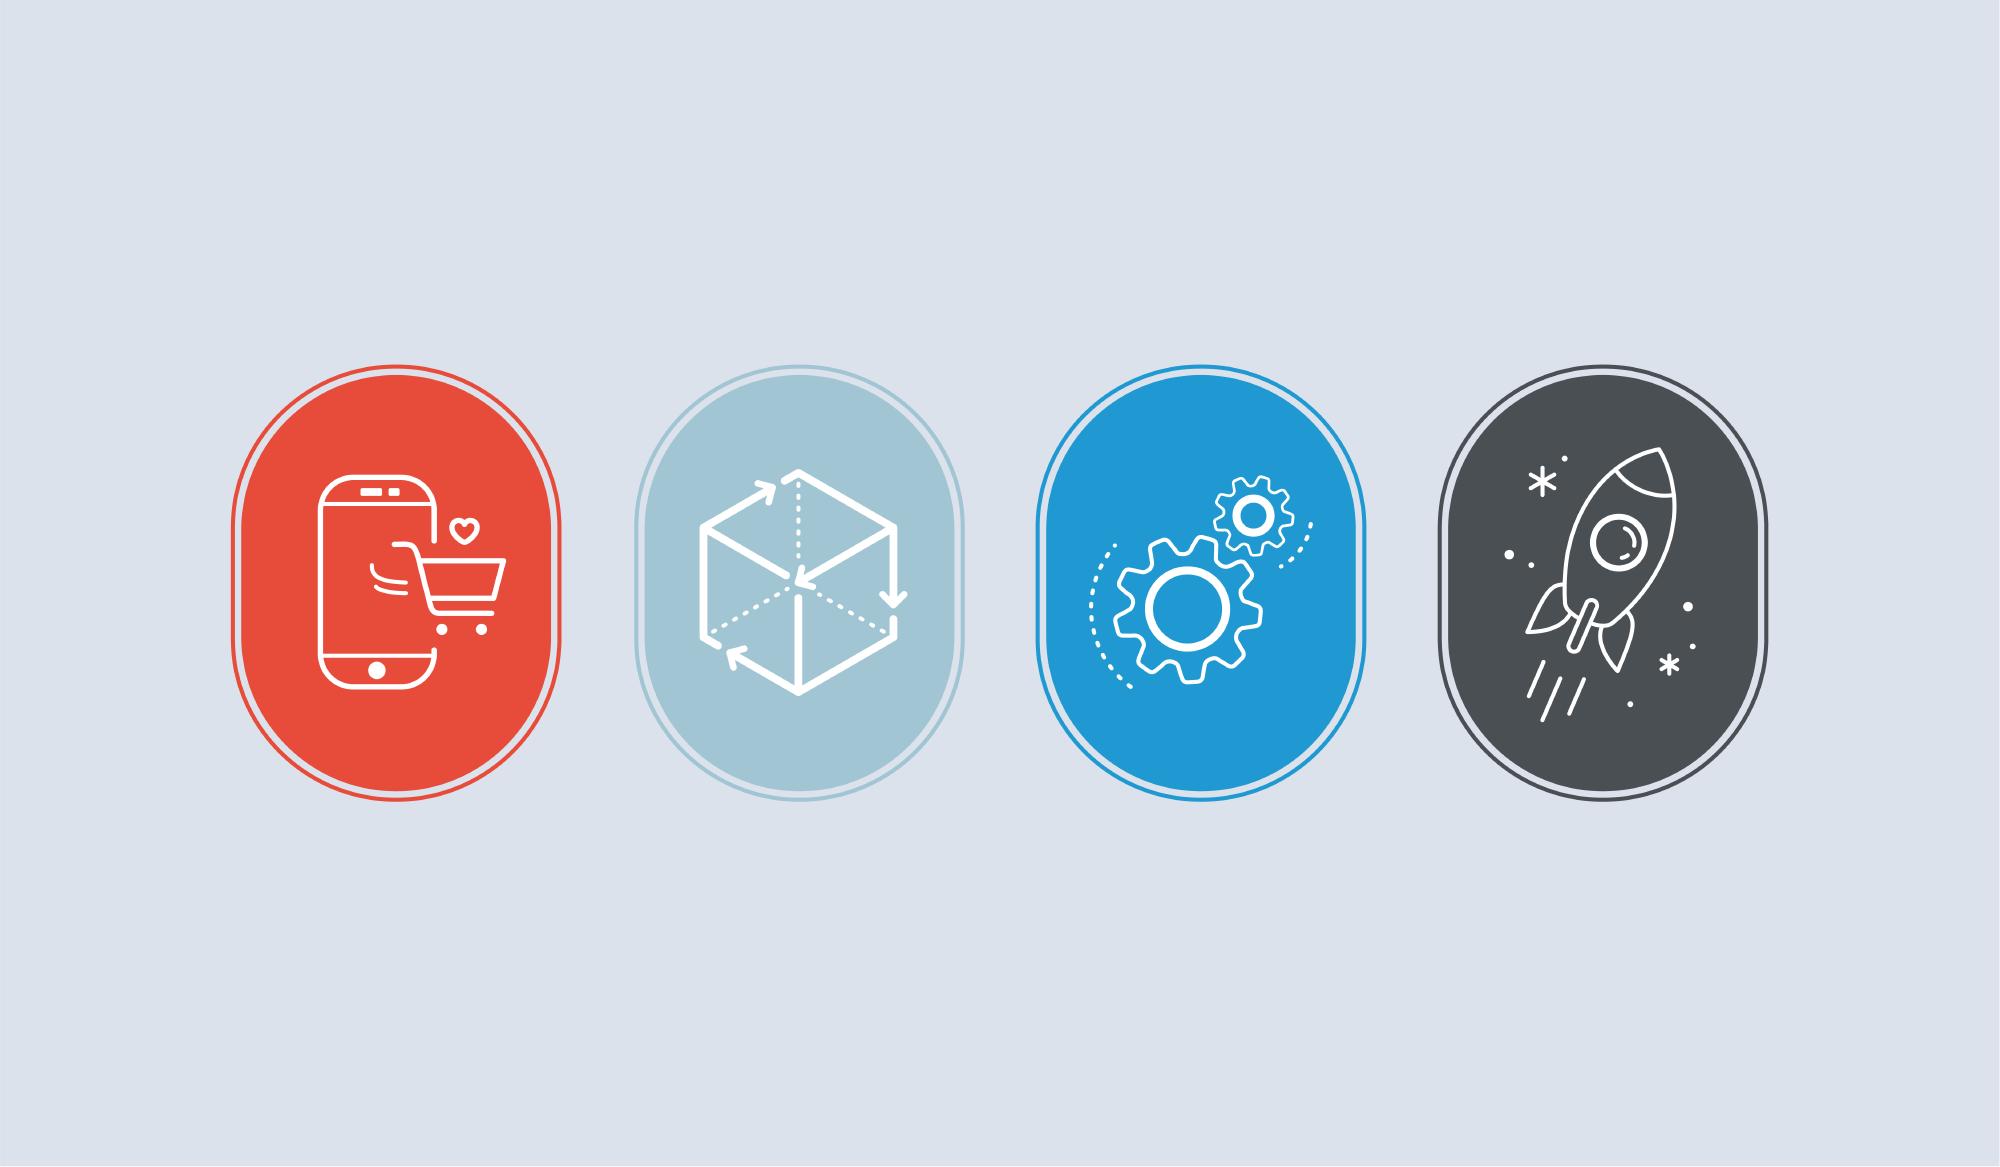 Polea services icon design